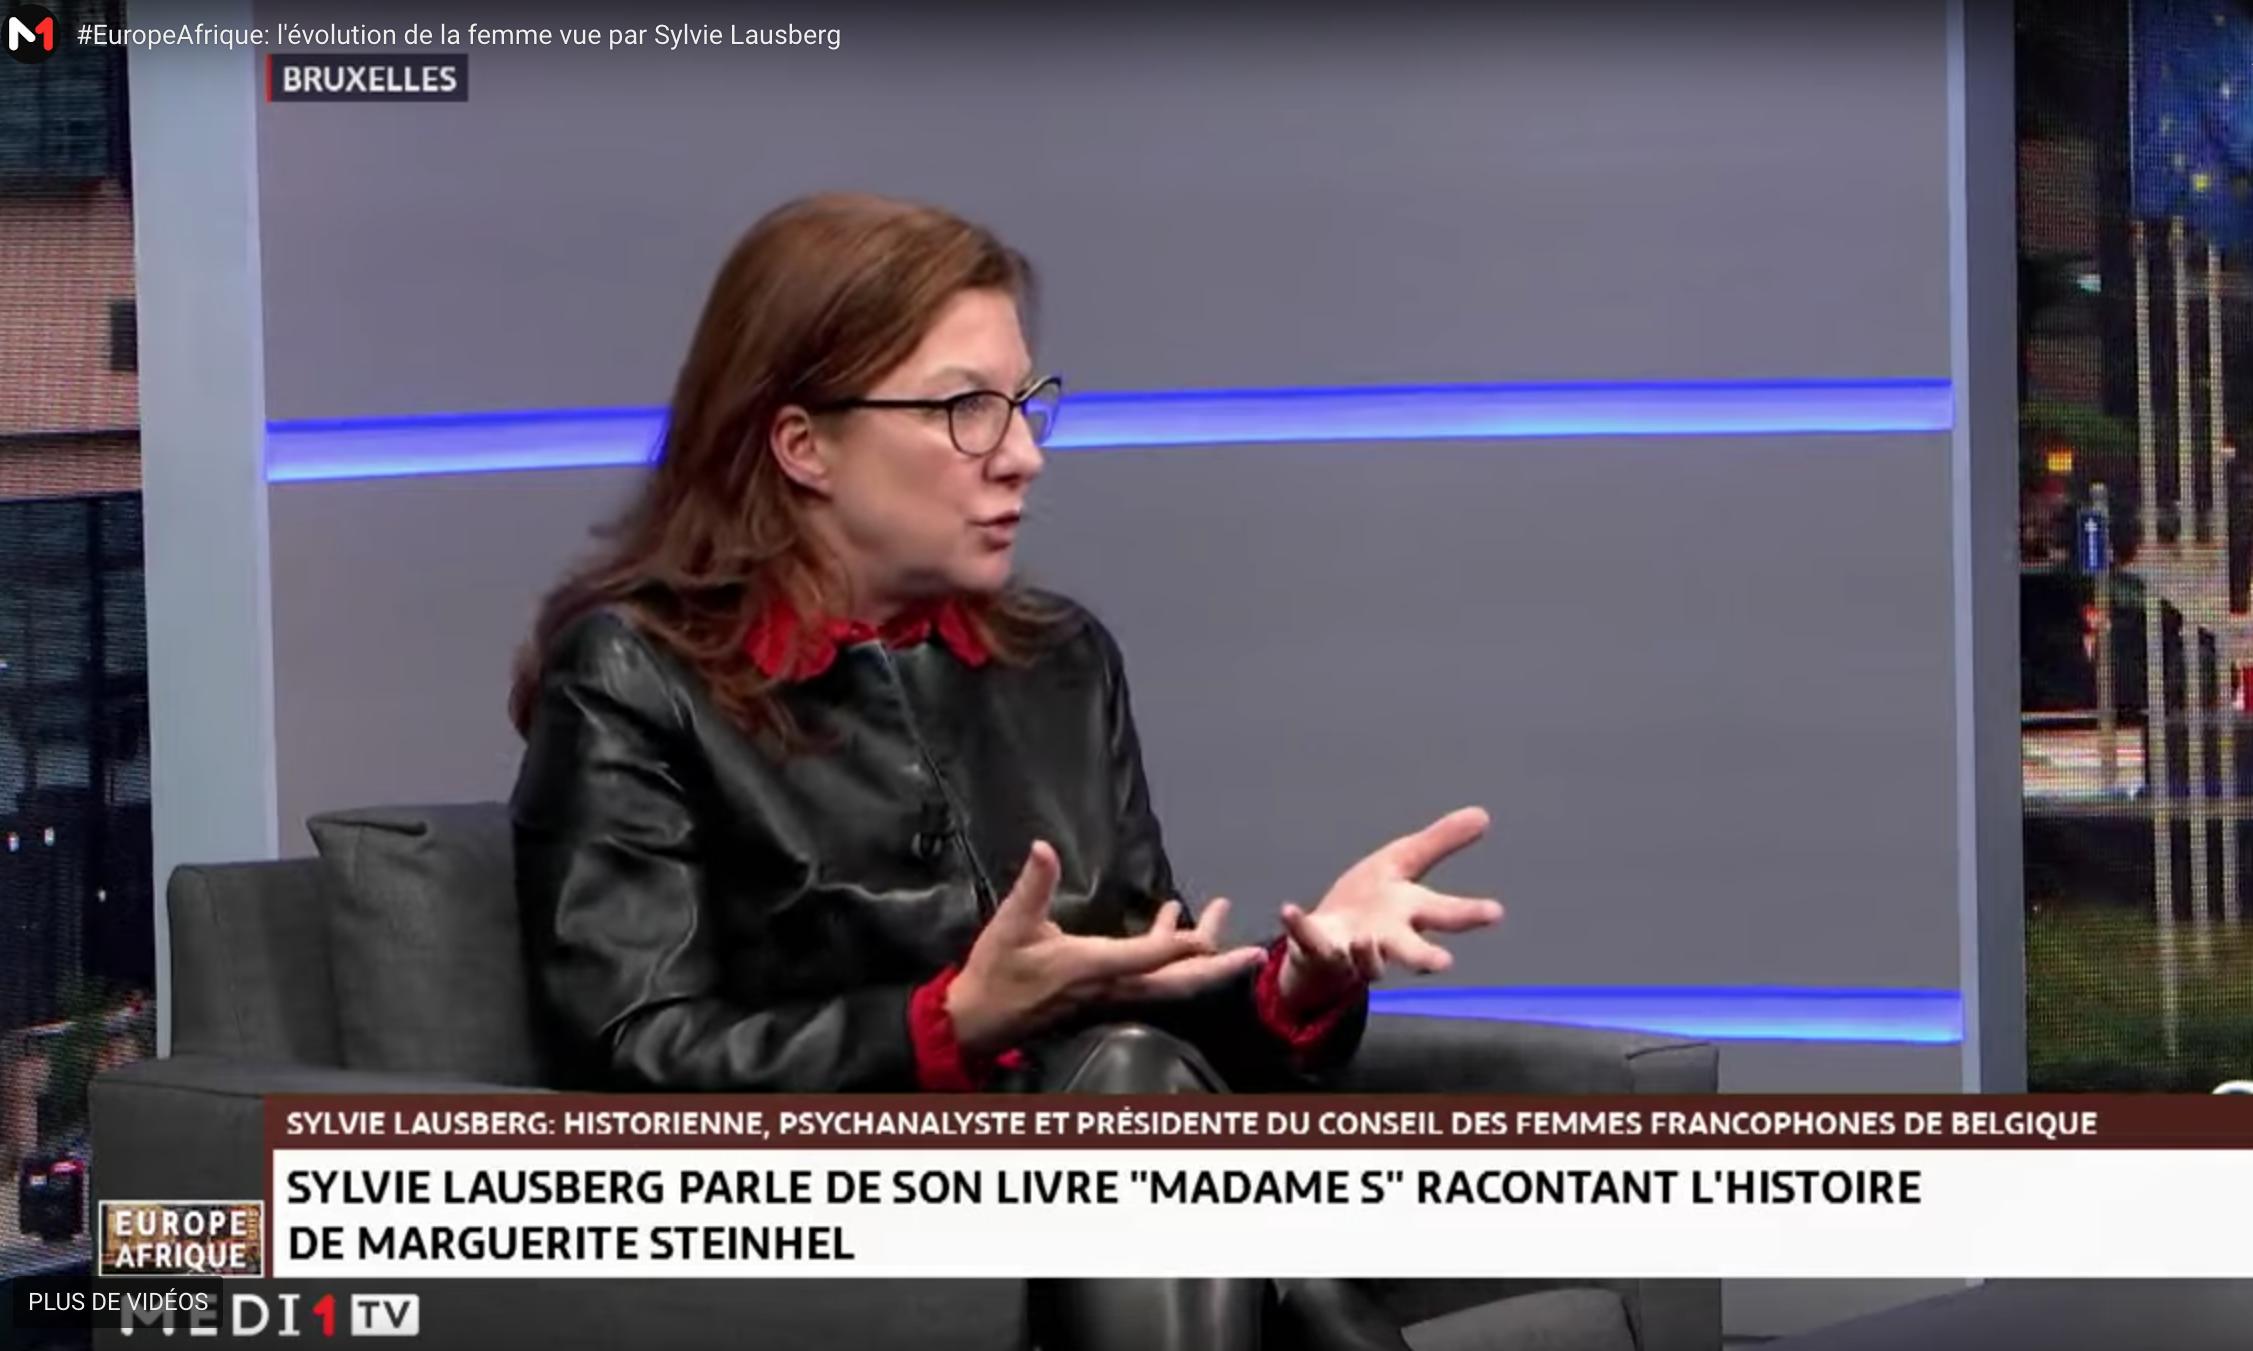 EuropeAfrique: L'évolution De La Femme Vue# Par Sylvie Lausberg